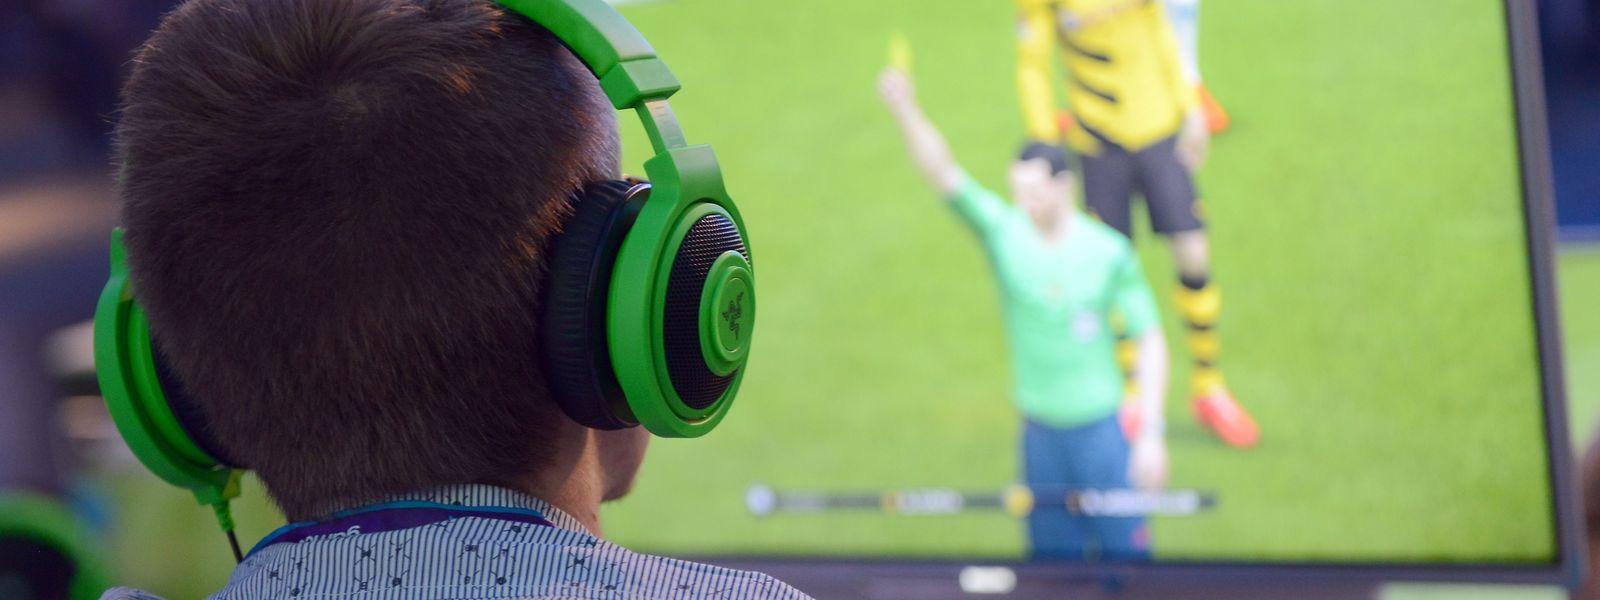 Damit die Fußballer flüssig über den Bildschirm laufen, brauchen Game-Streamer eine leistungsstarke Internetanbindung.